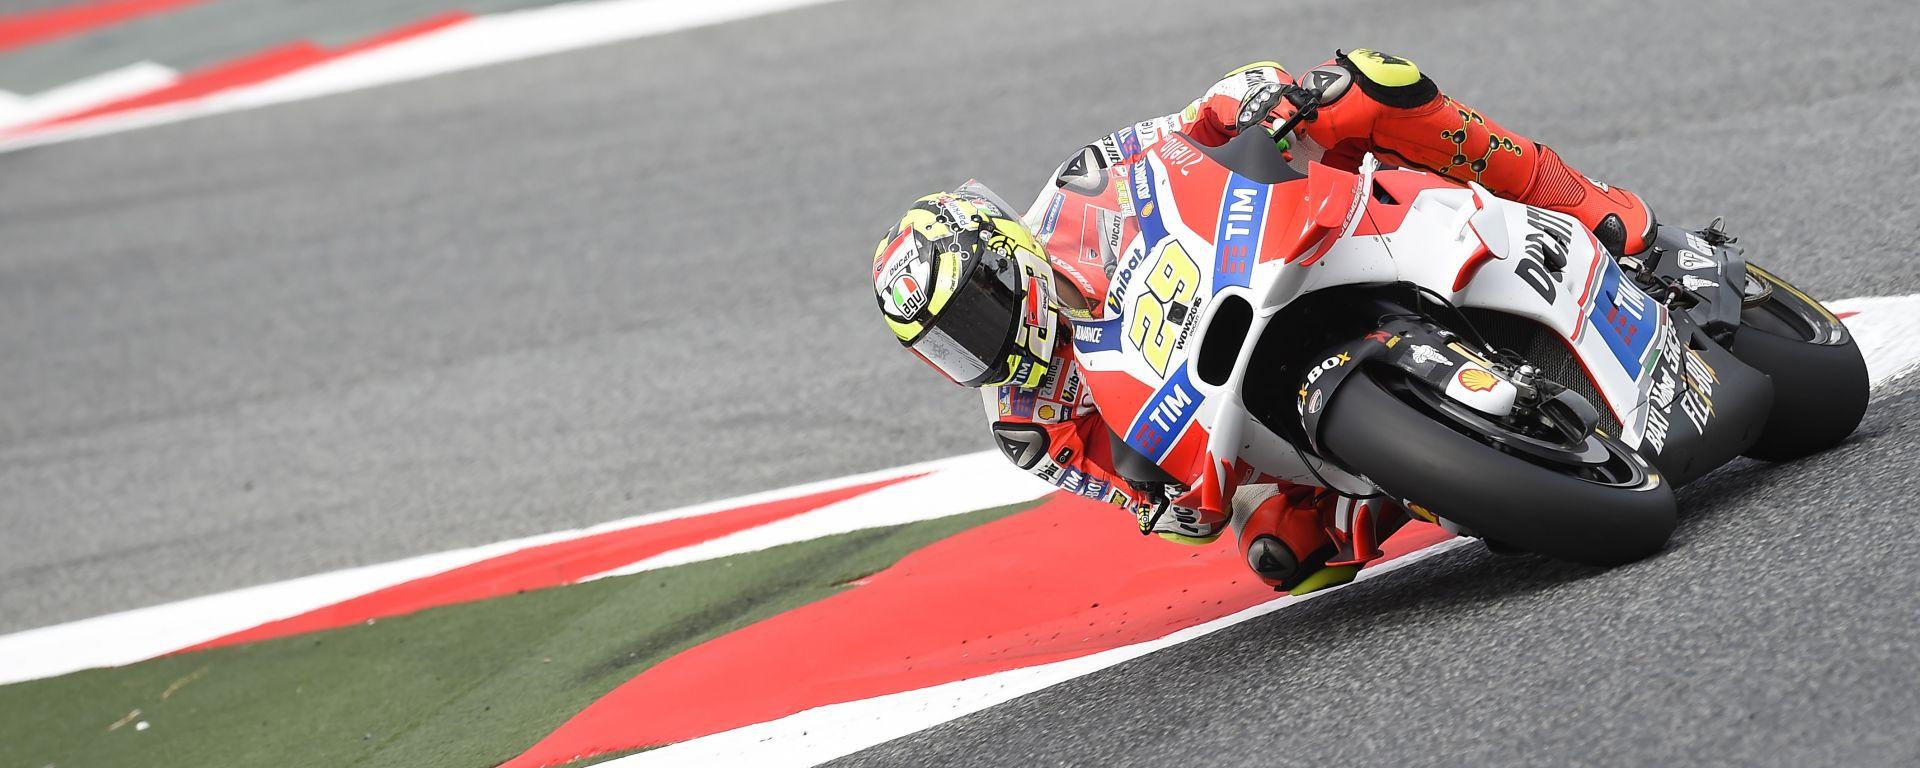 MotoGP Assen 2016: Andrea Iannone il più veloce, ma Valentino Rossi è a 4 millesimi